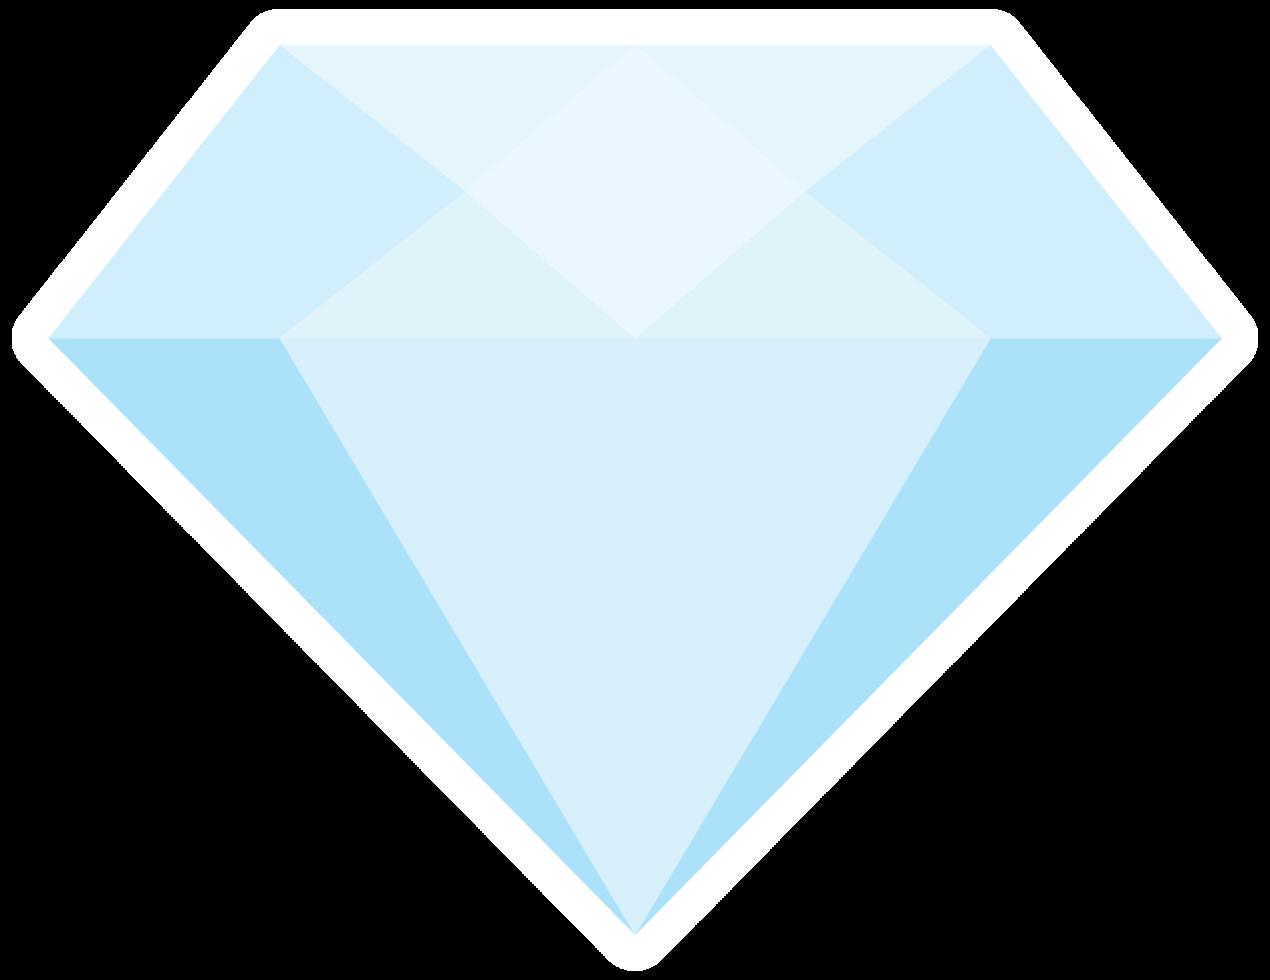 diamant edelsteen png